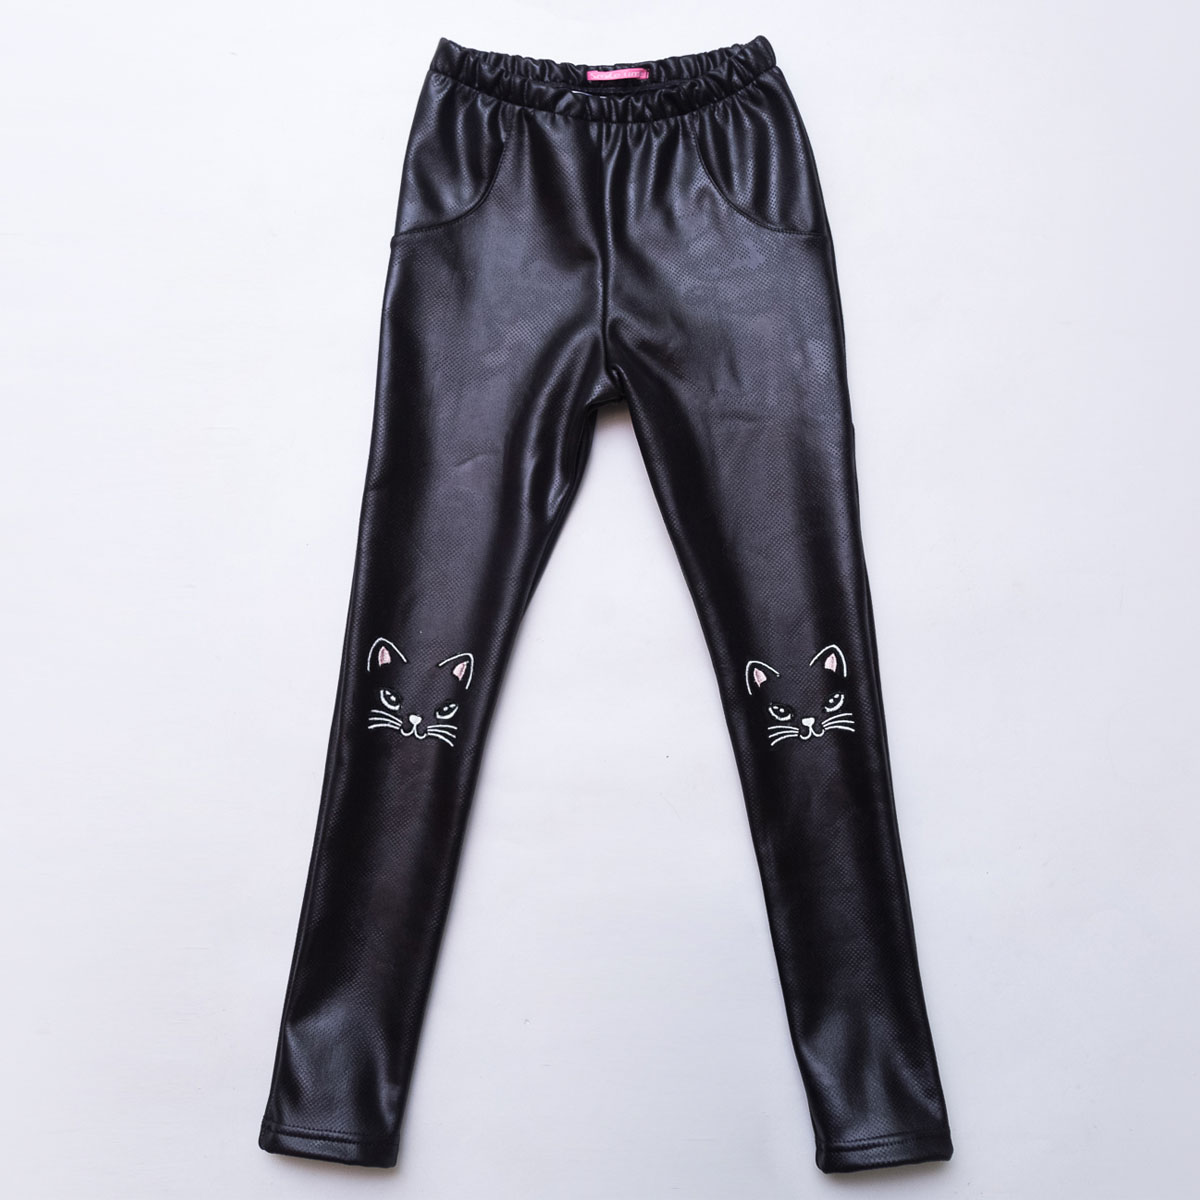 Лосины детские SmileTime кожаные на меху Leather Kitten, черные